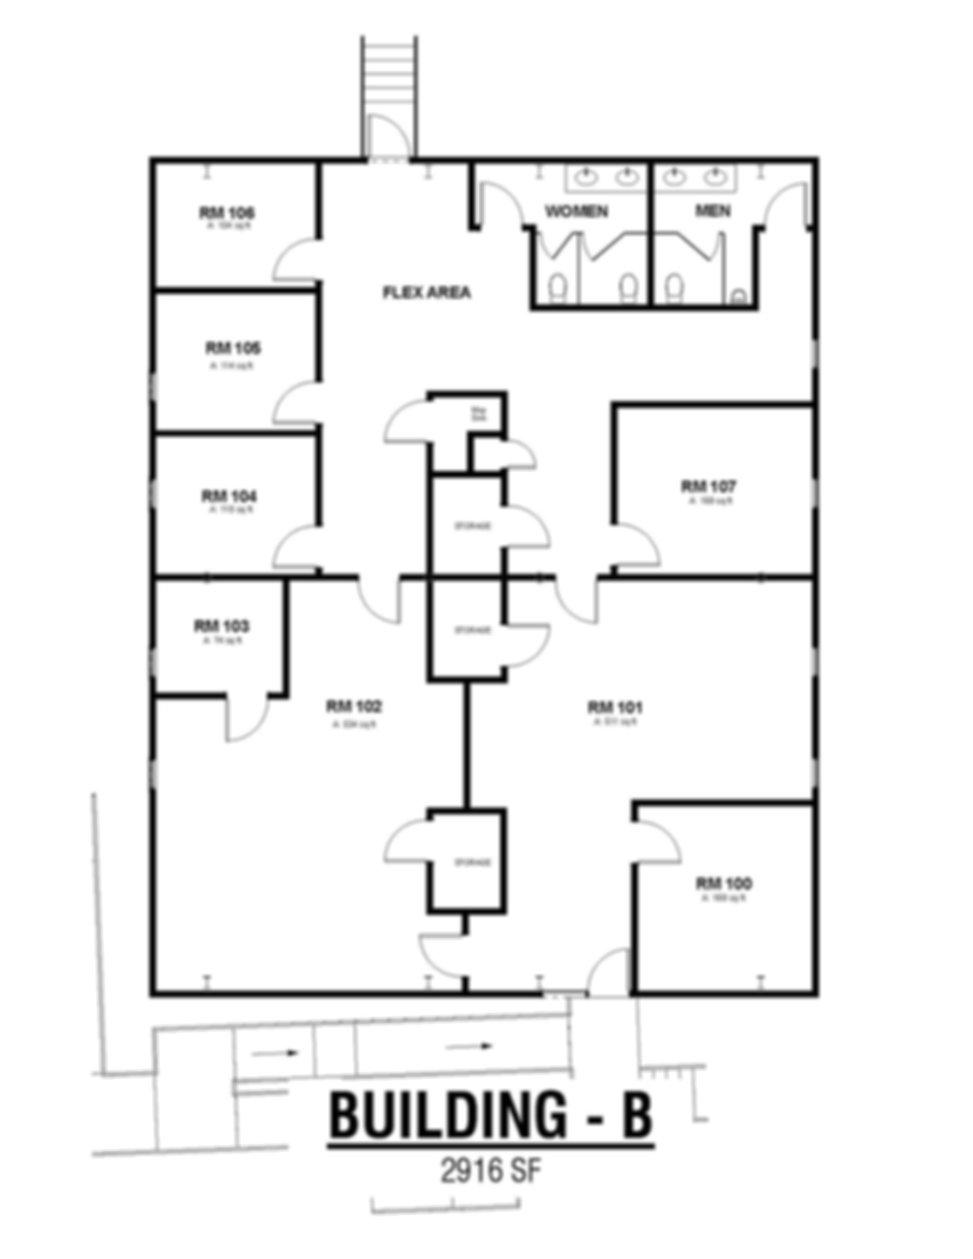 BUILDING B (1).jpg